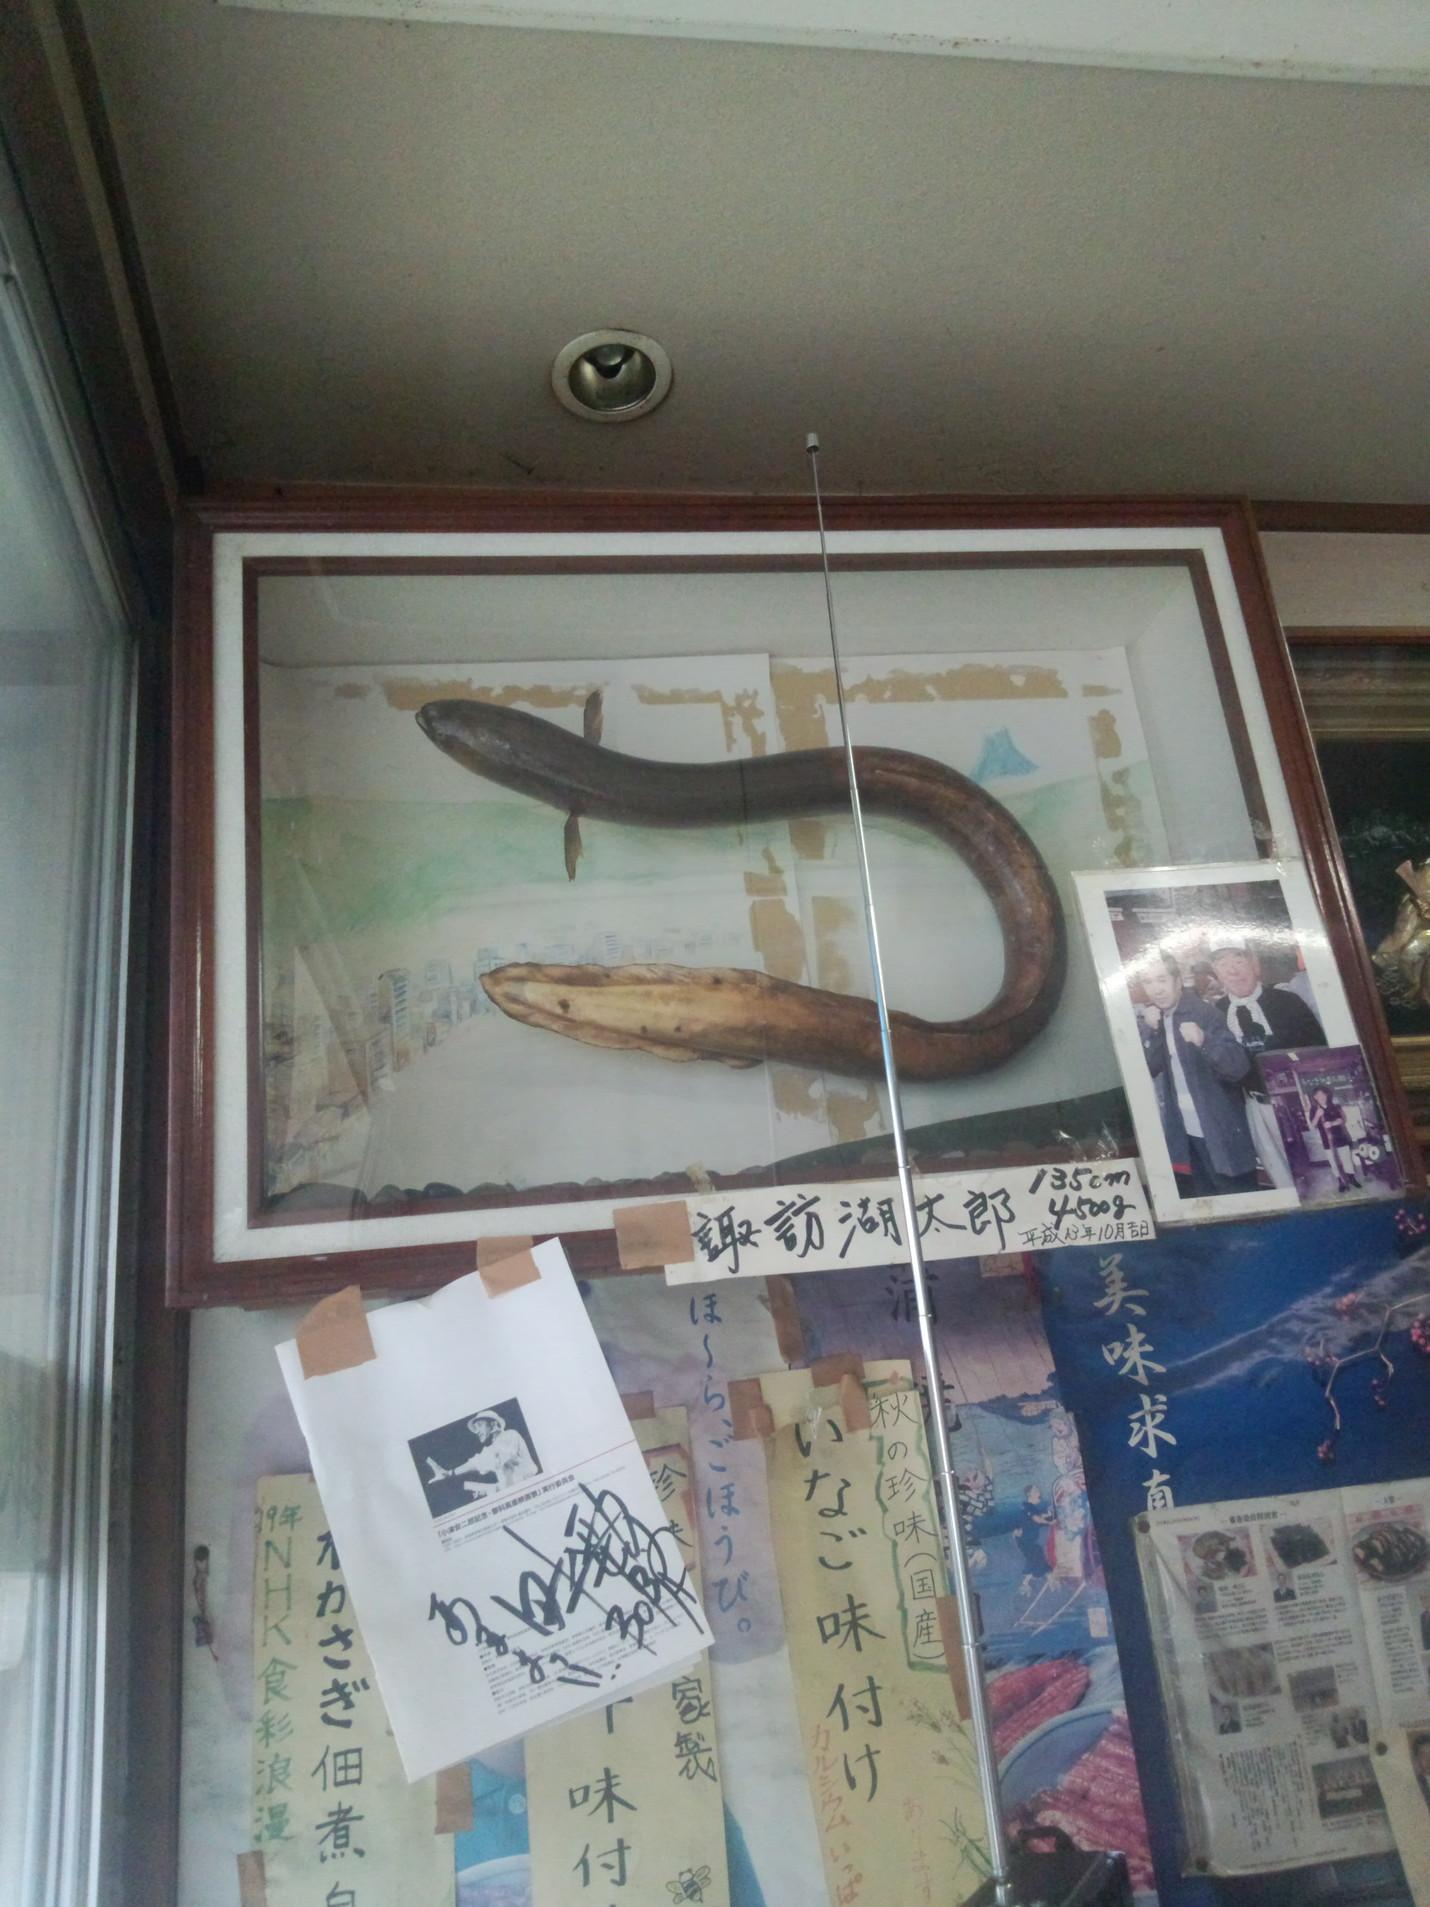 塚原川魚店 name=